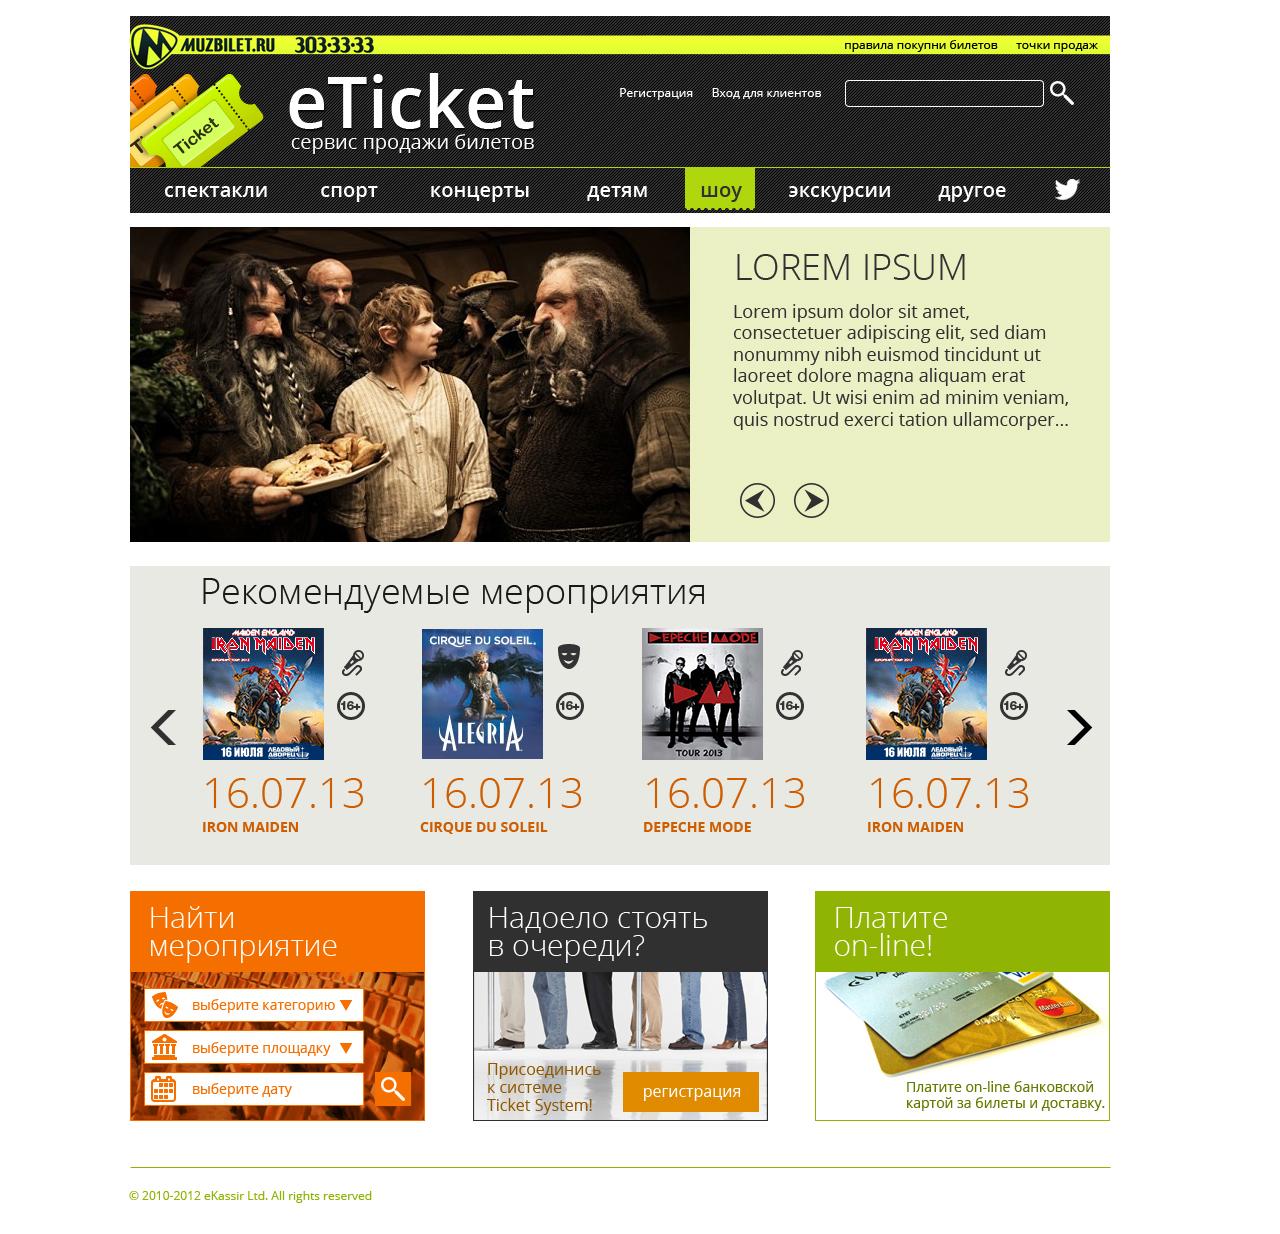 сервис продажи билетов